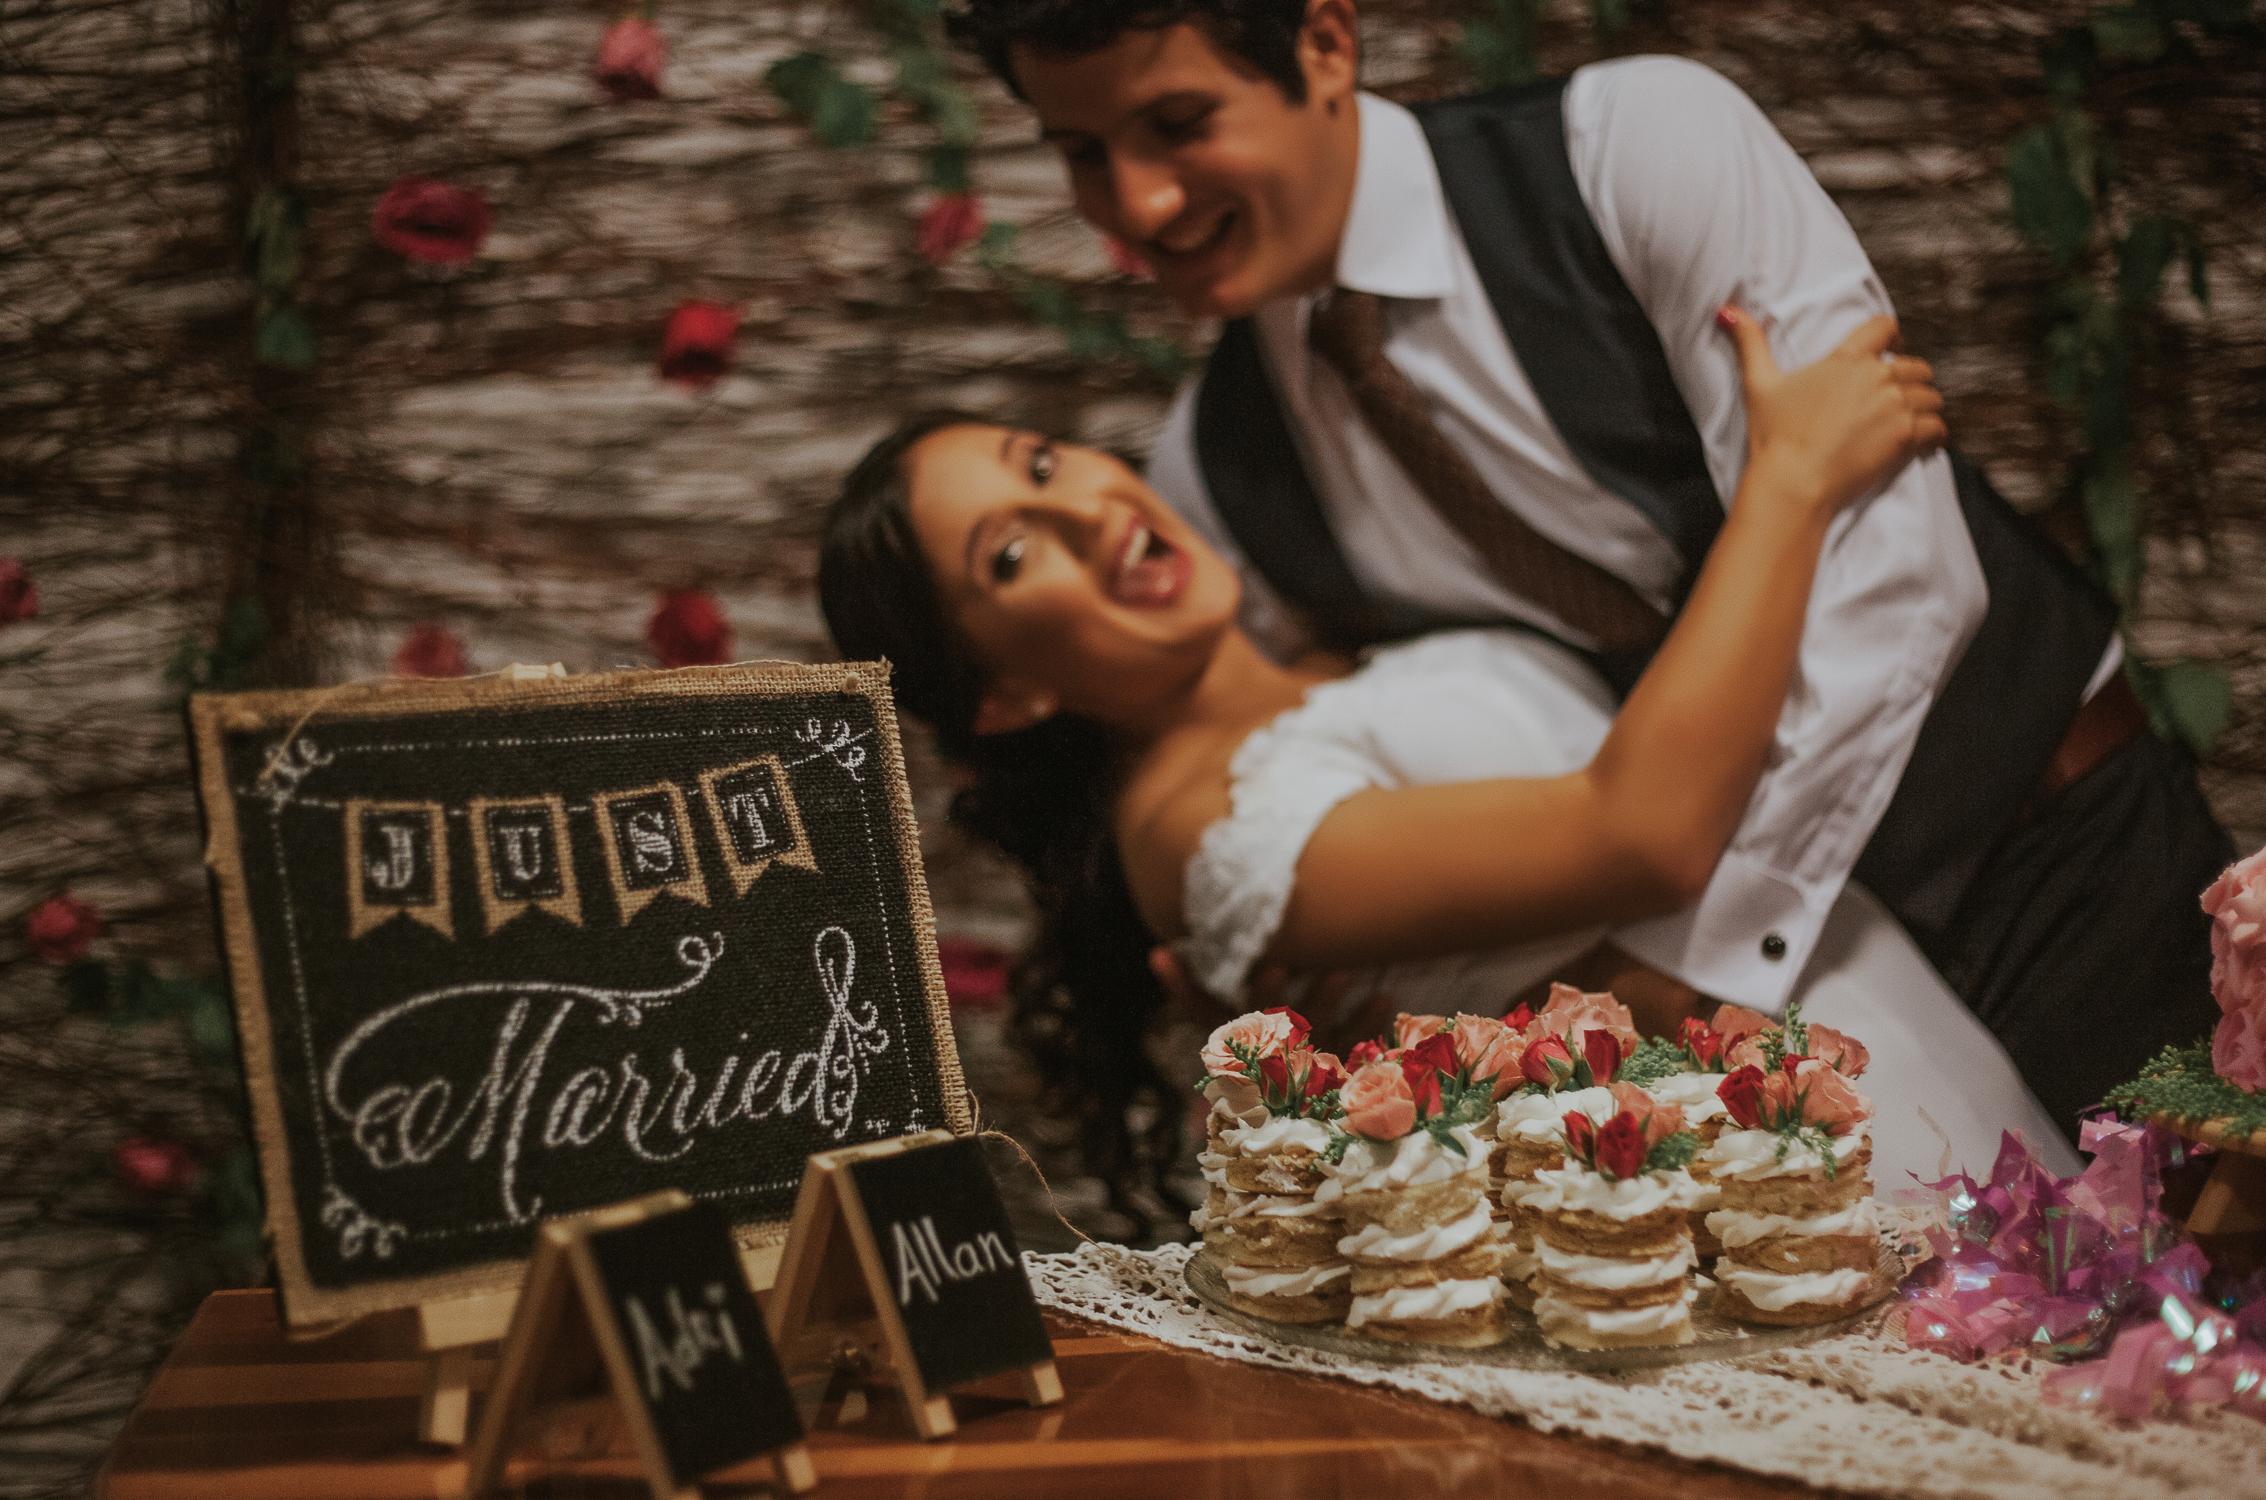 Michelle-Agurto-Fotografia-Bodas-Ecuador-Destination-Wedding-Photographer-Adriana-Allan-25.JPG